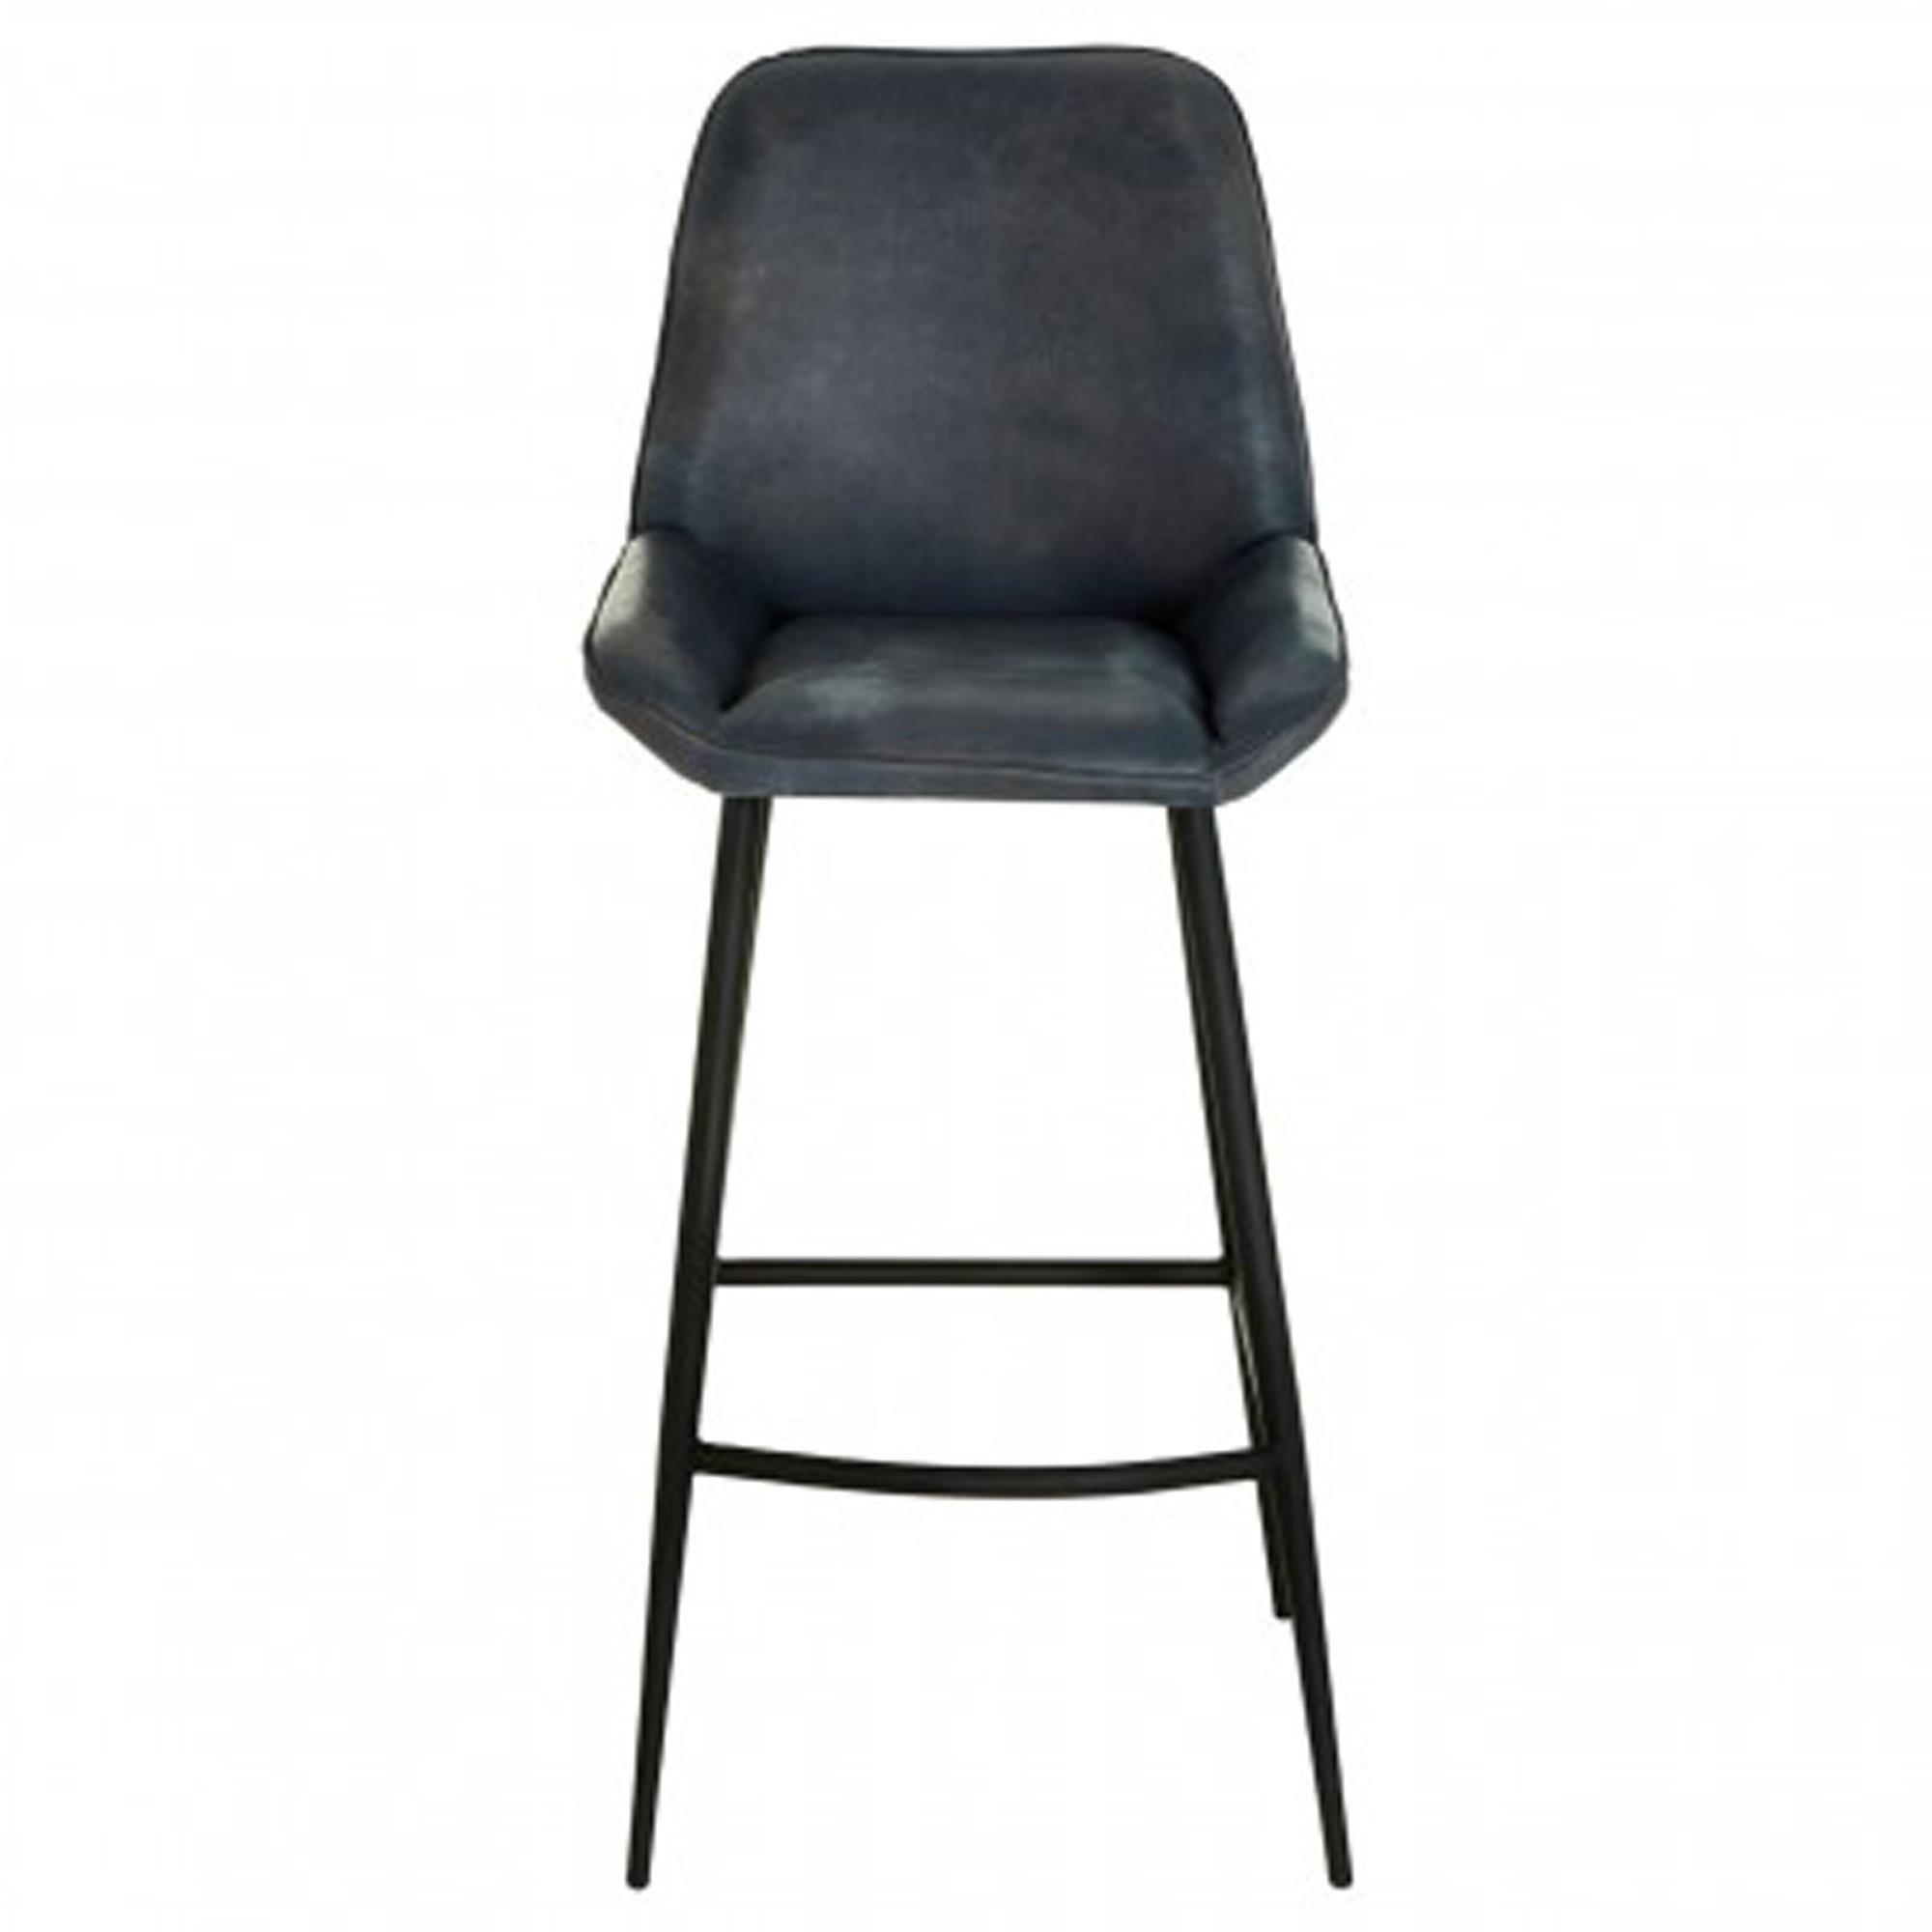 Swell Buffalo Bar Chairs Camellatalisay Diy Chair Ideas Camellatalisaycom